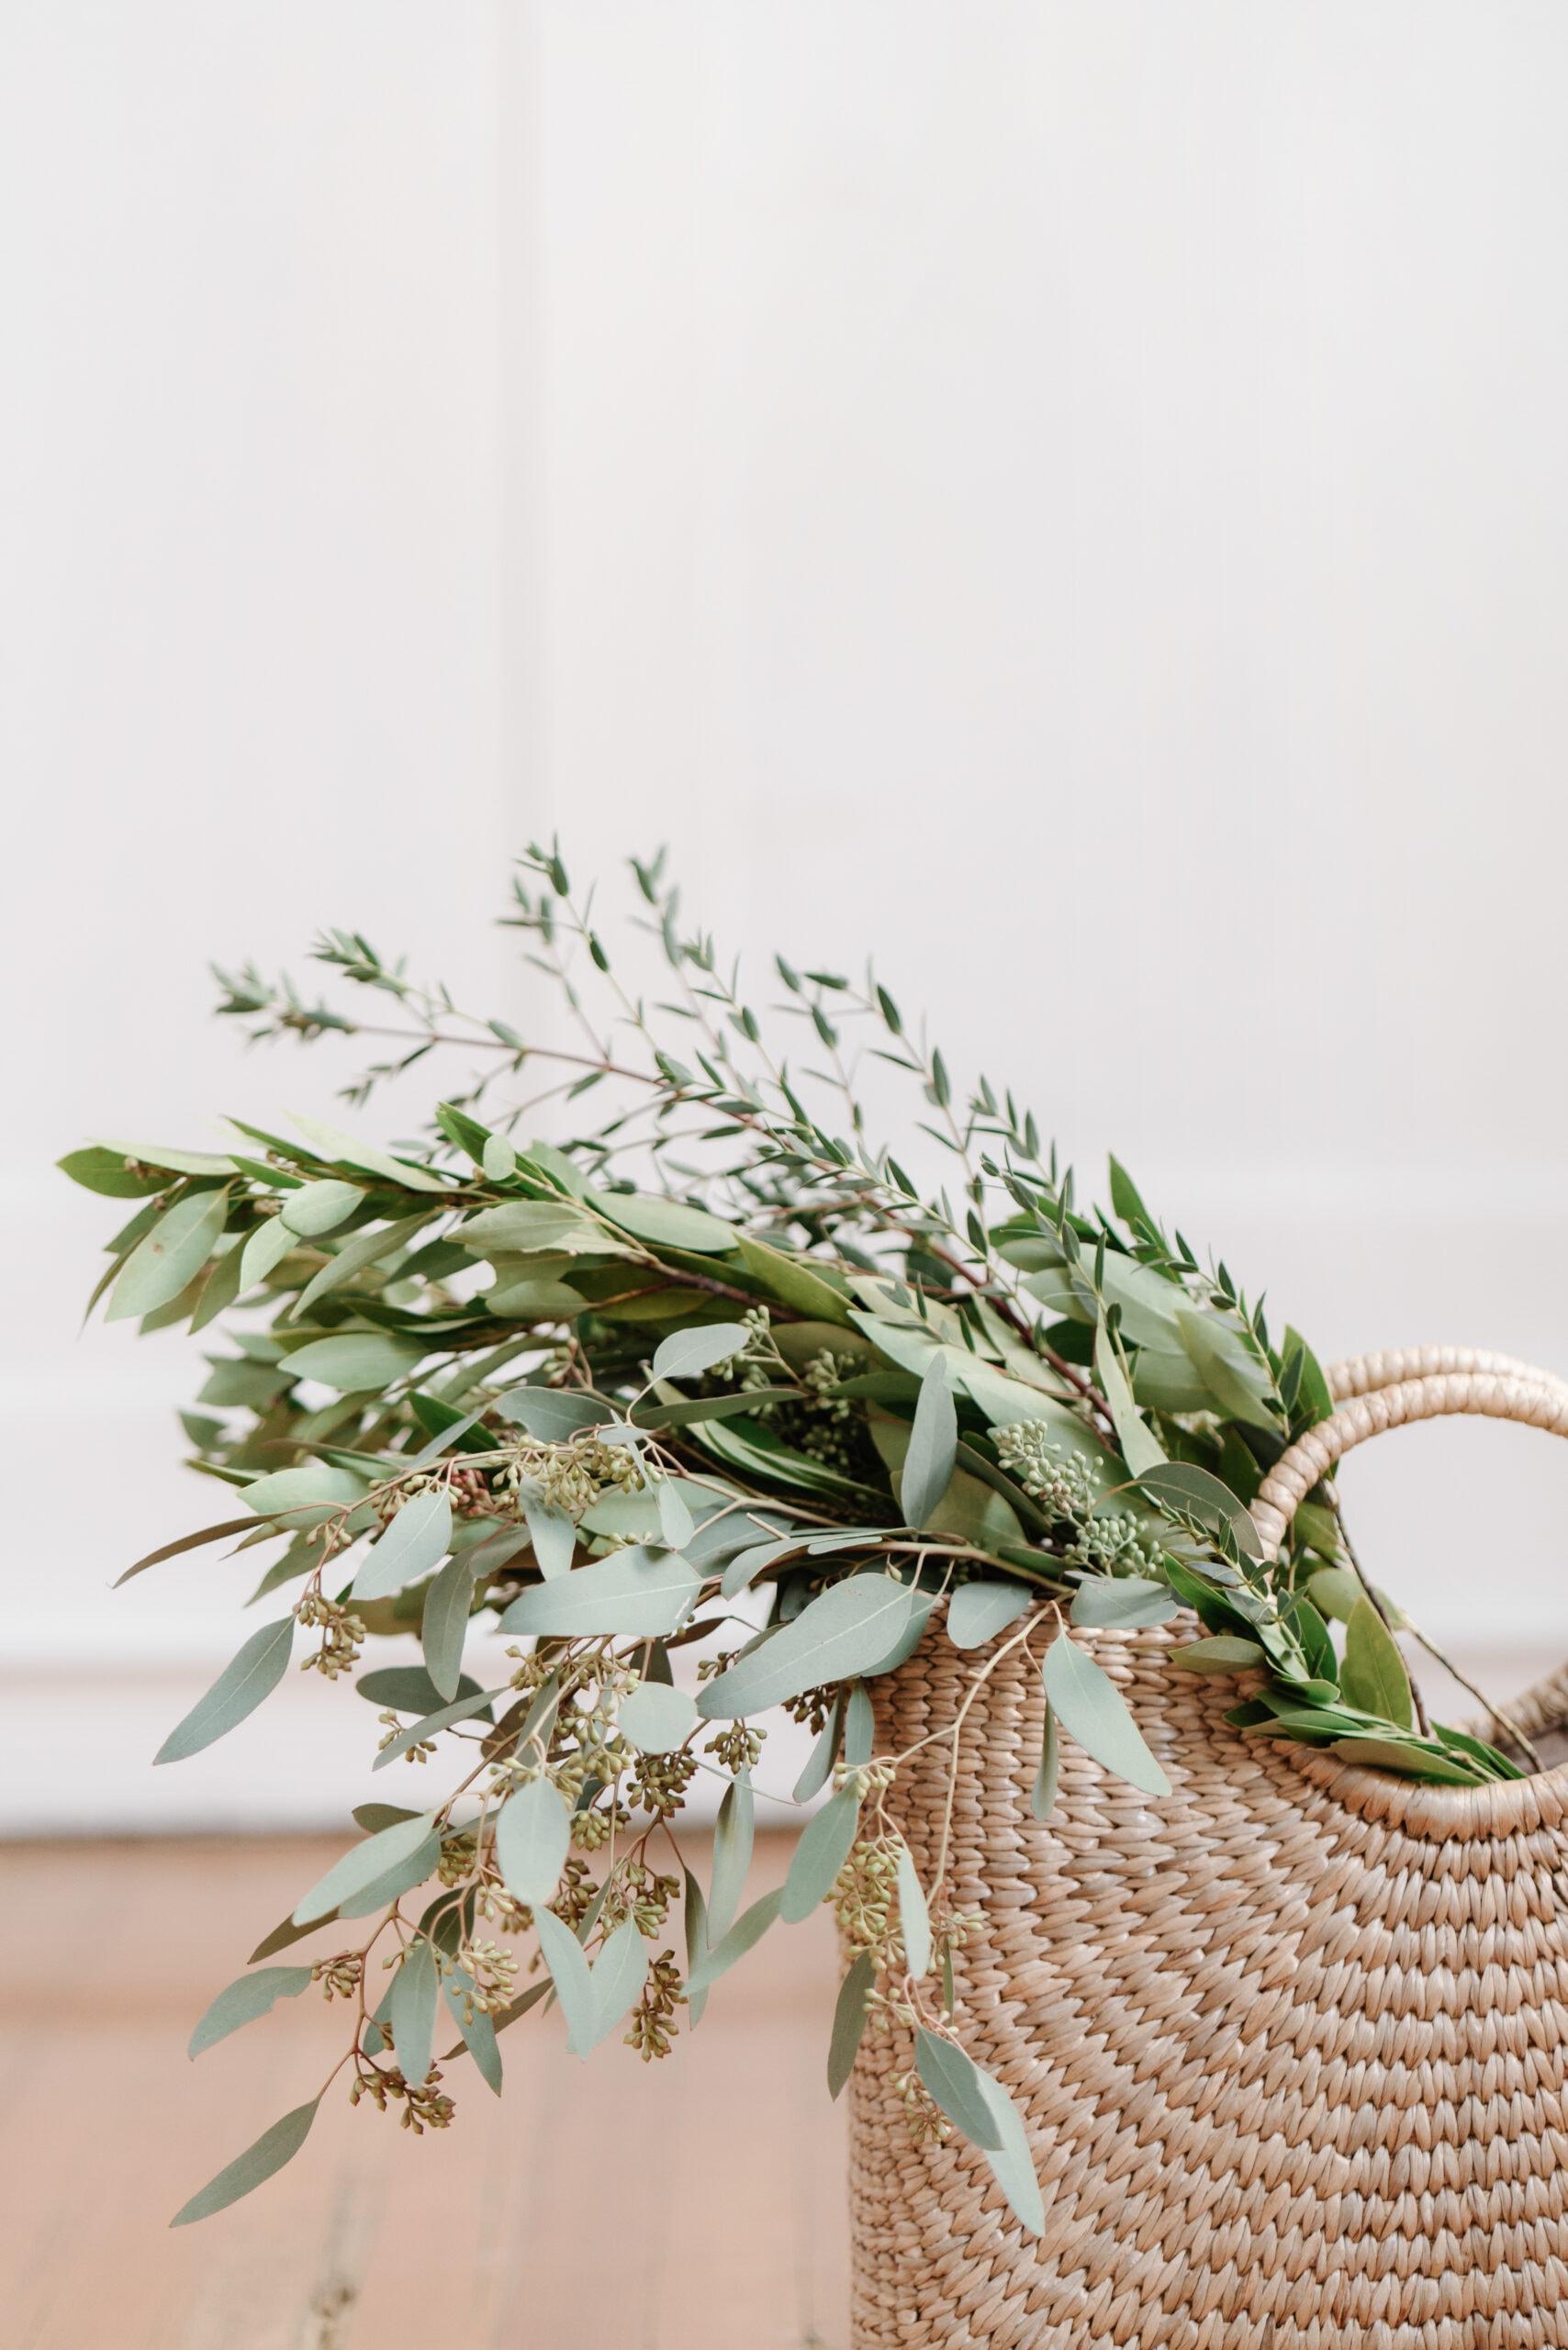 haute stock image plants